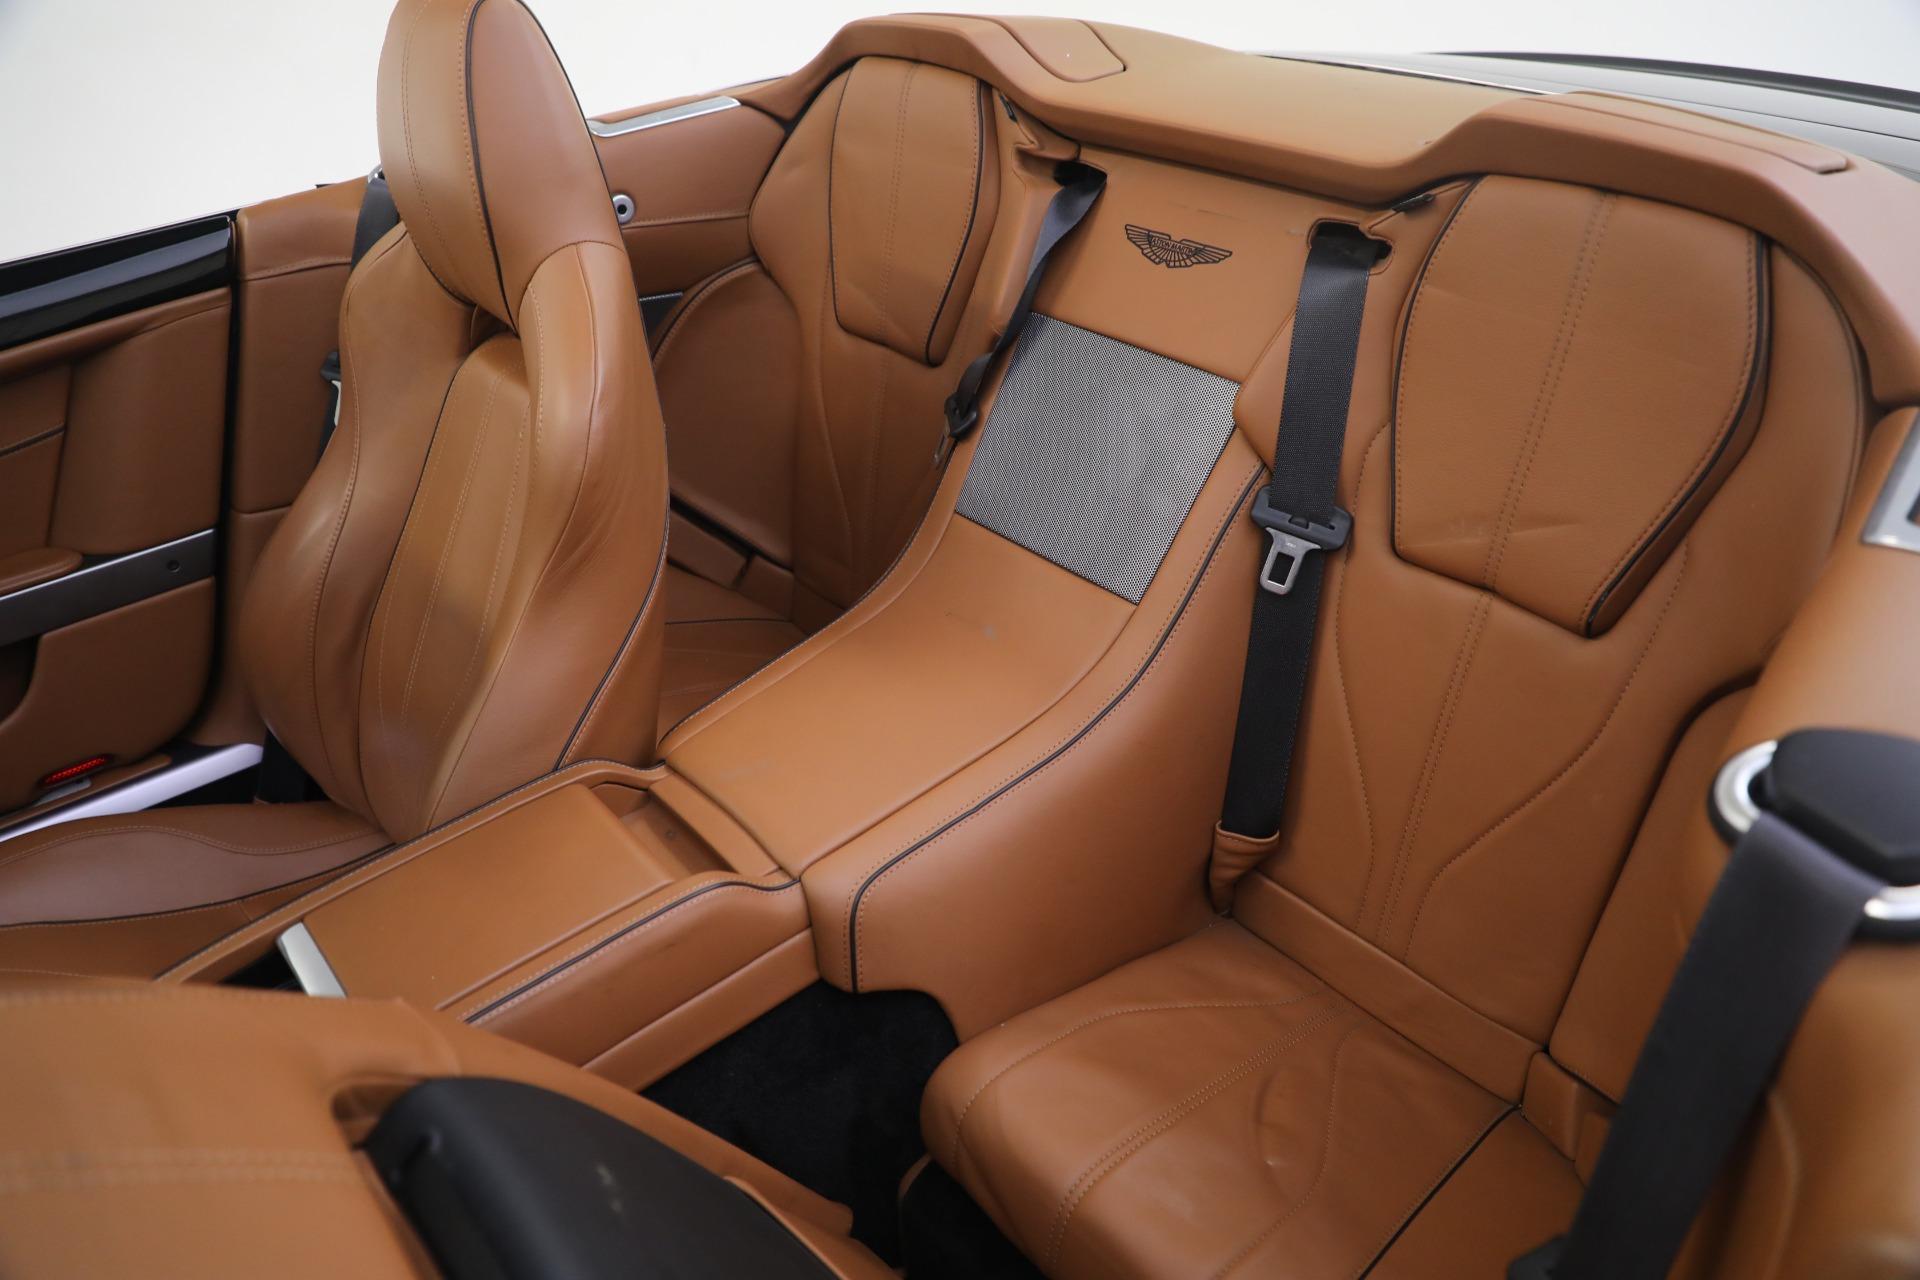 Used 2012 Aston Martin Virage Volante For Sale In Greenwich, CT 2244_p29